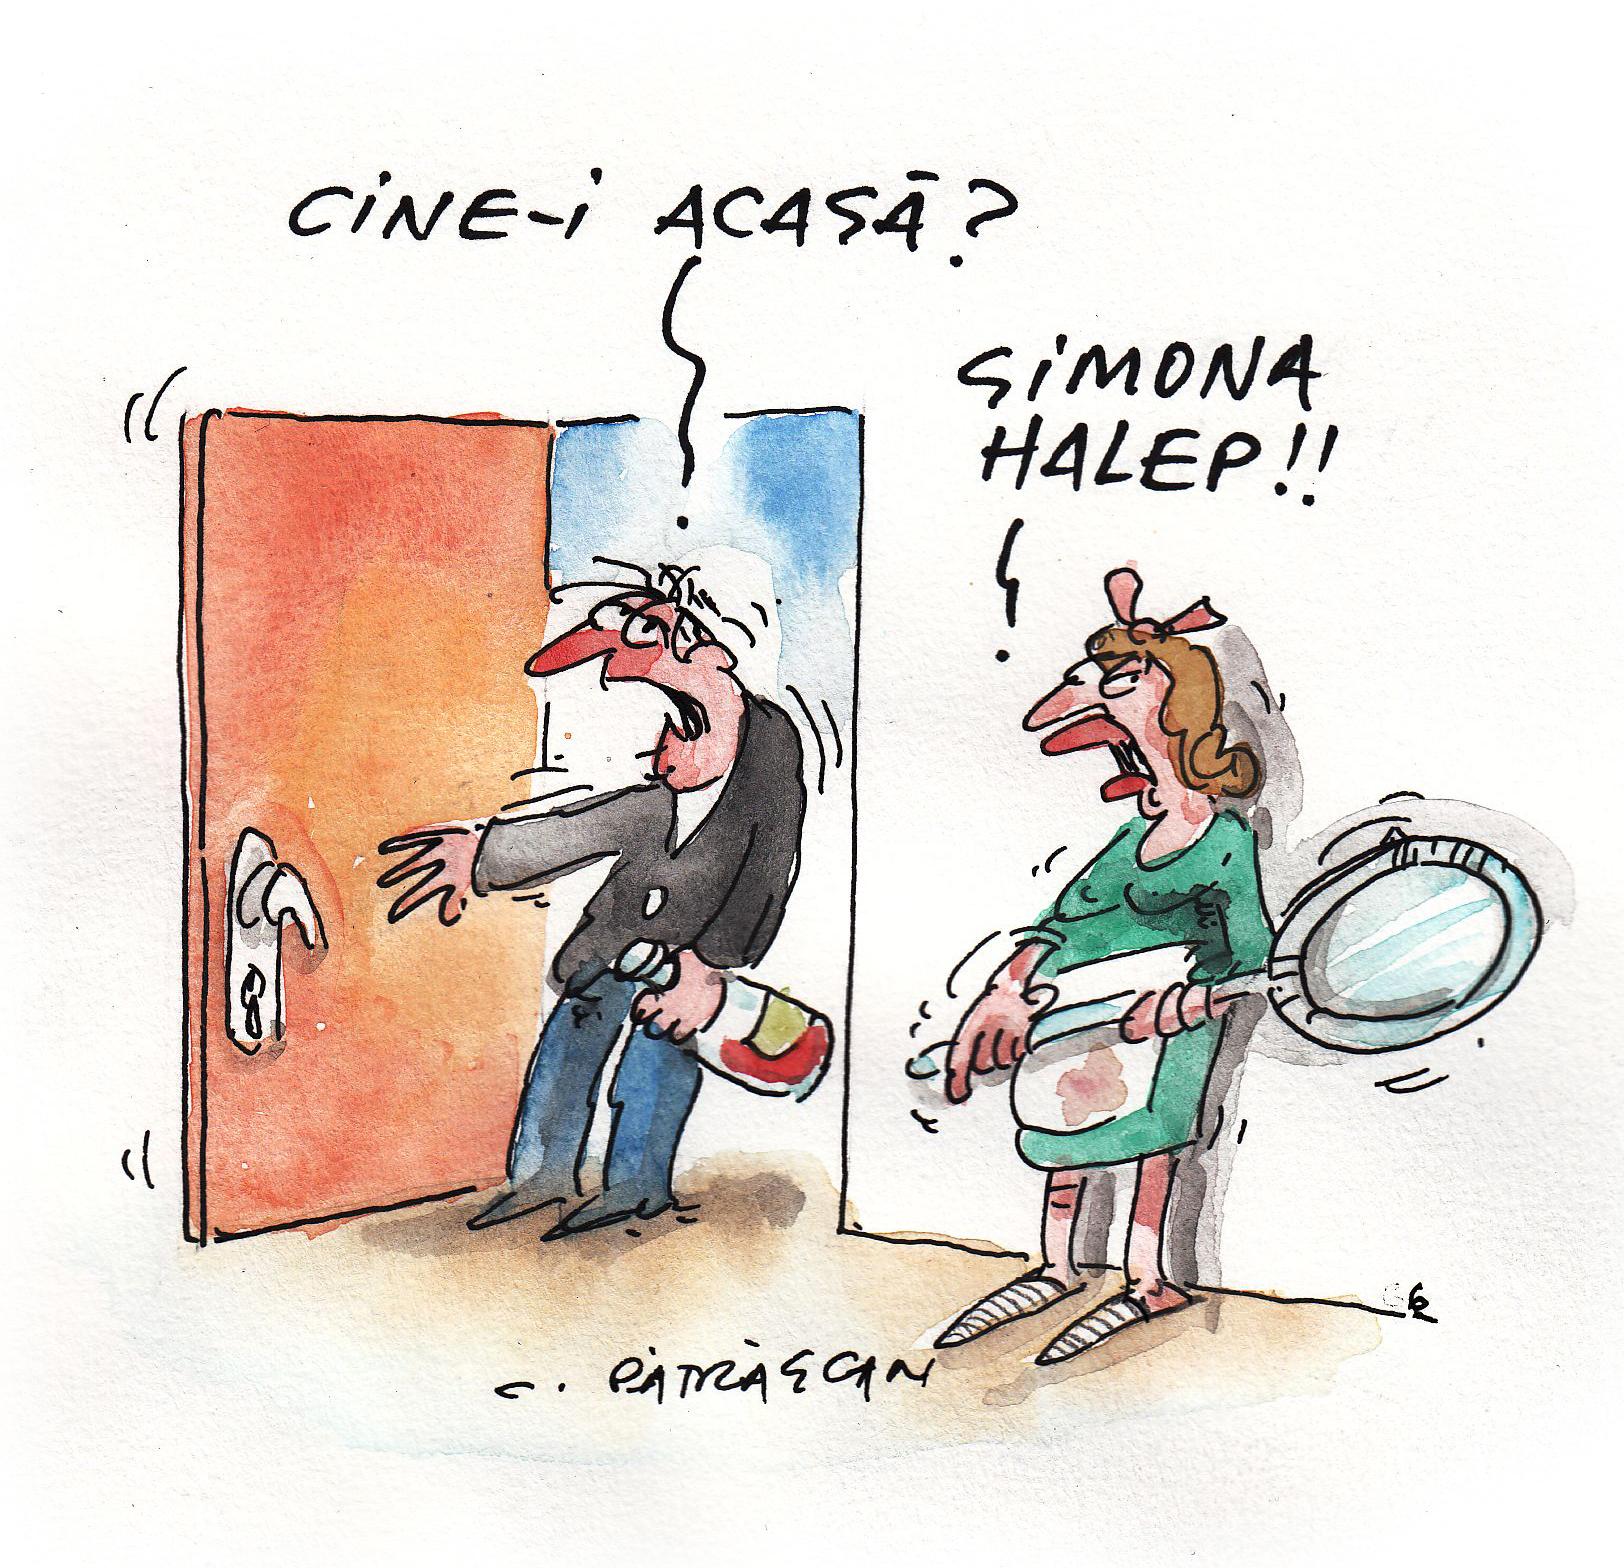 Imagini pentru caricaturi umoristice